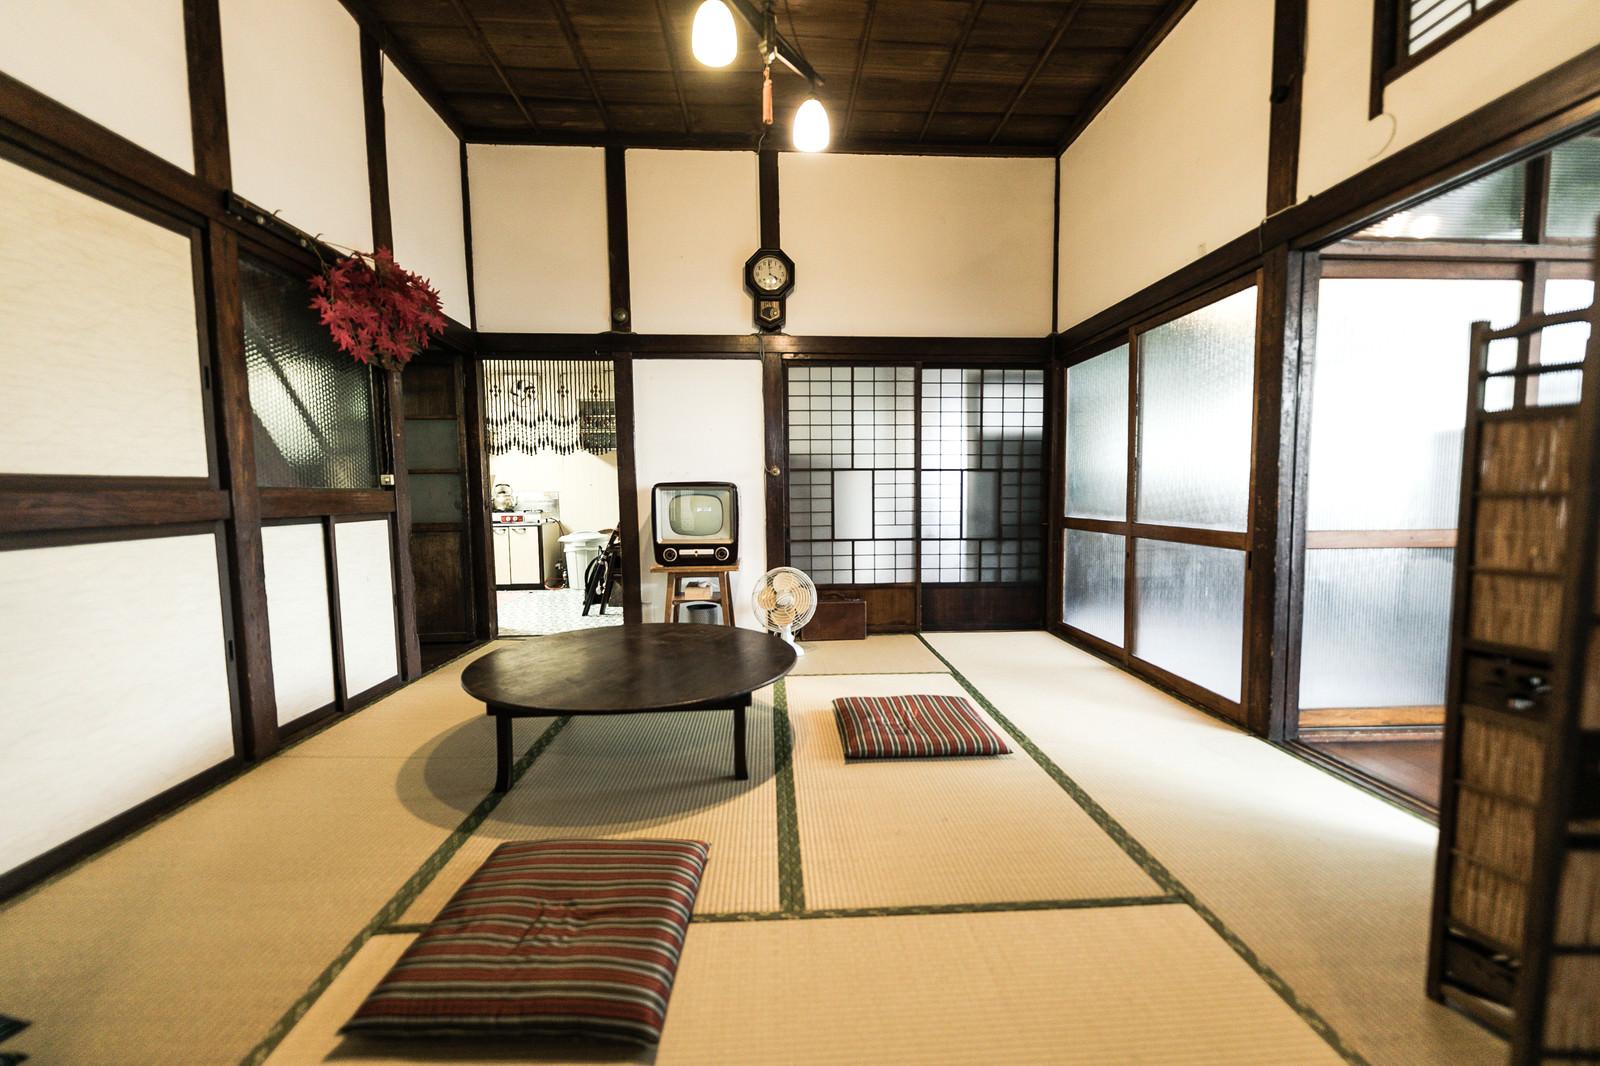 「昭和レトロの和家具がある古民家の様子」の写真